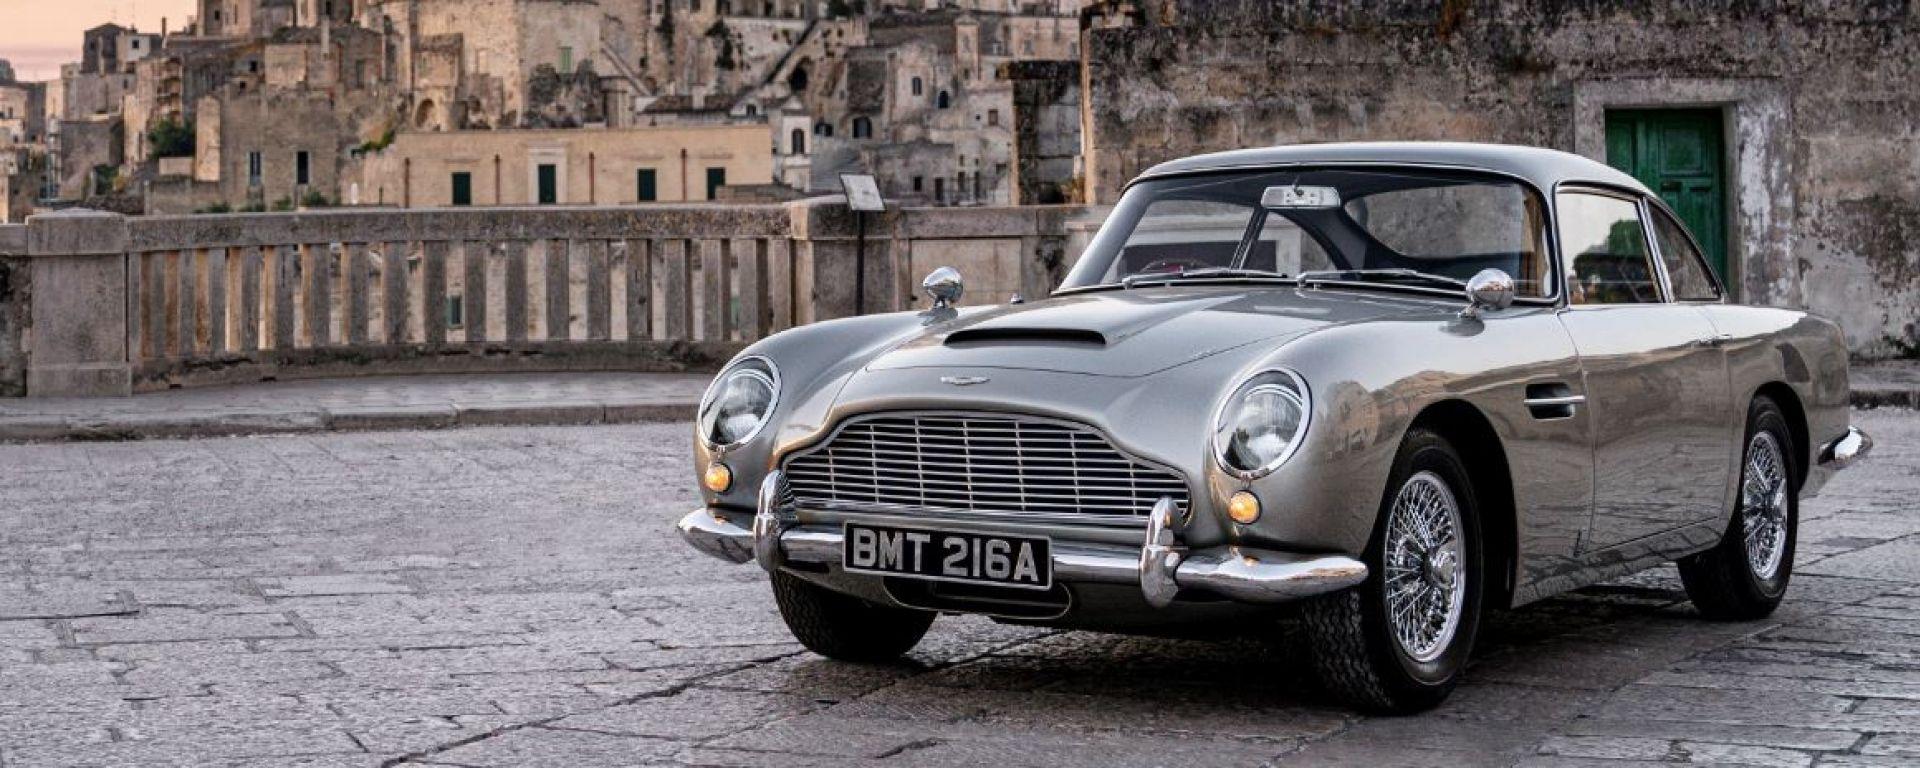 007 cose che forse non sai su No Time To Die, il prossimo Bond